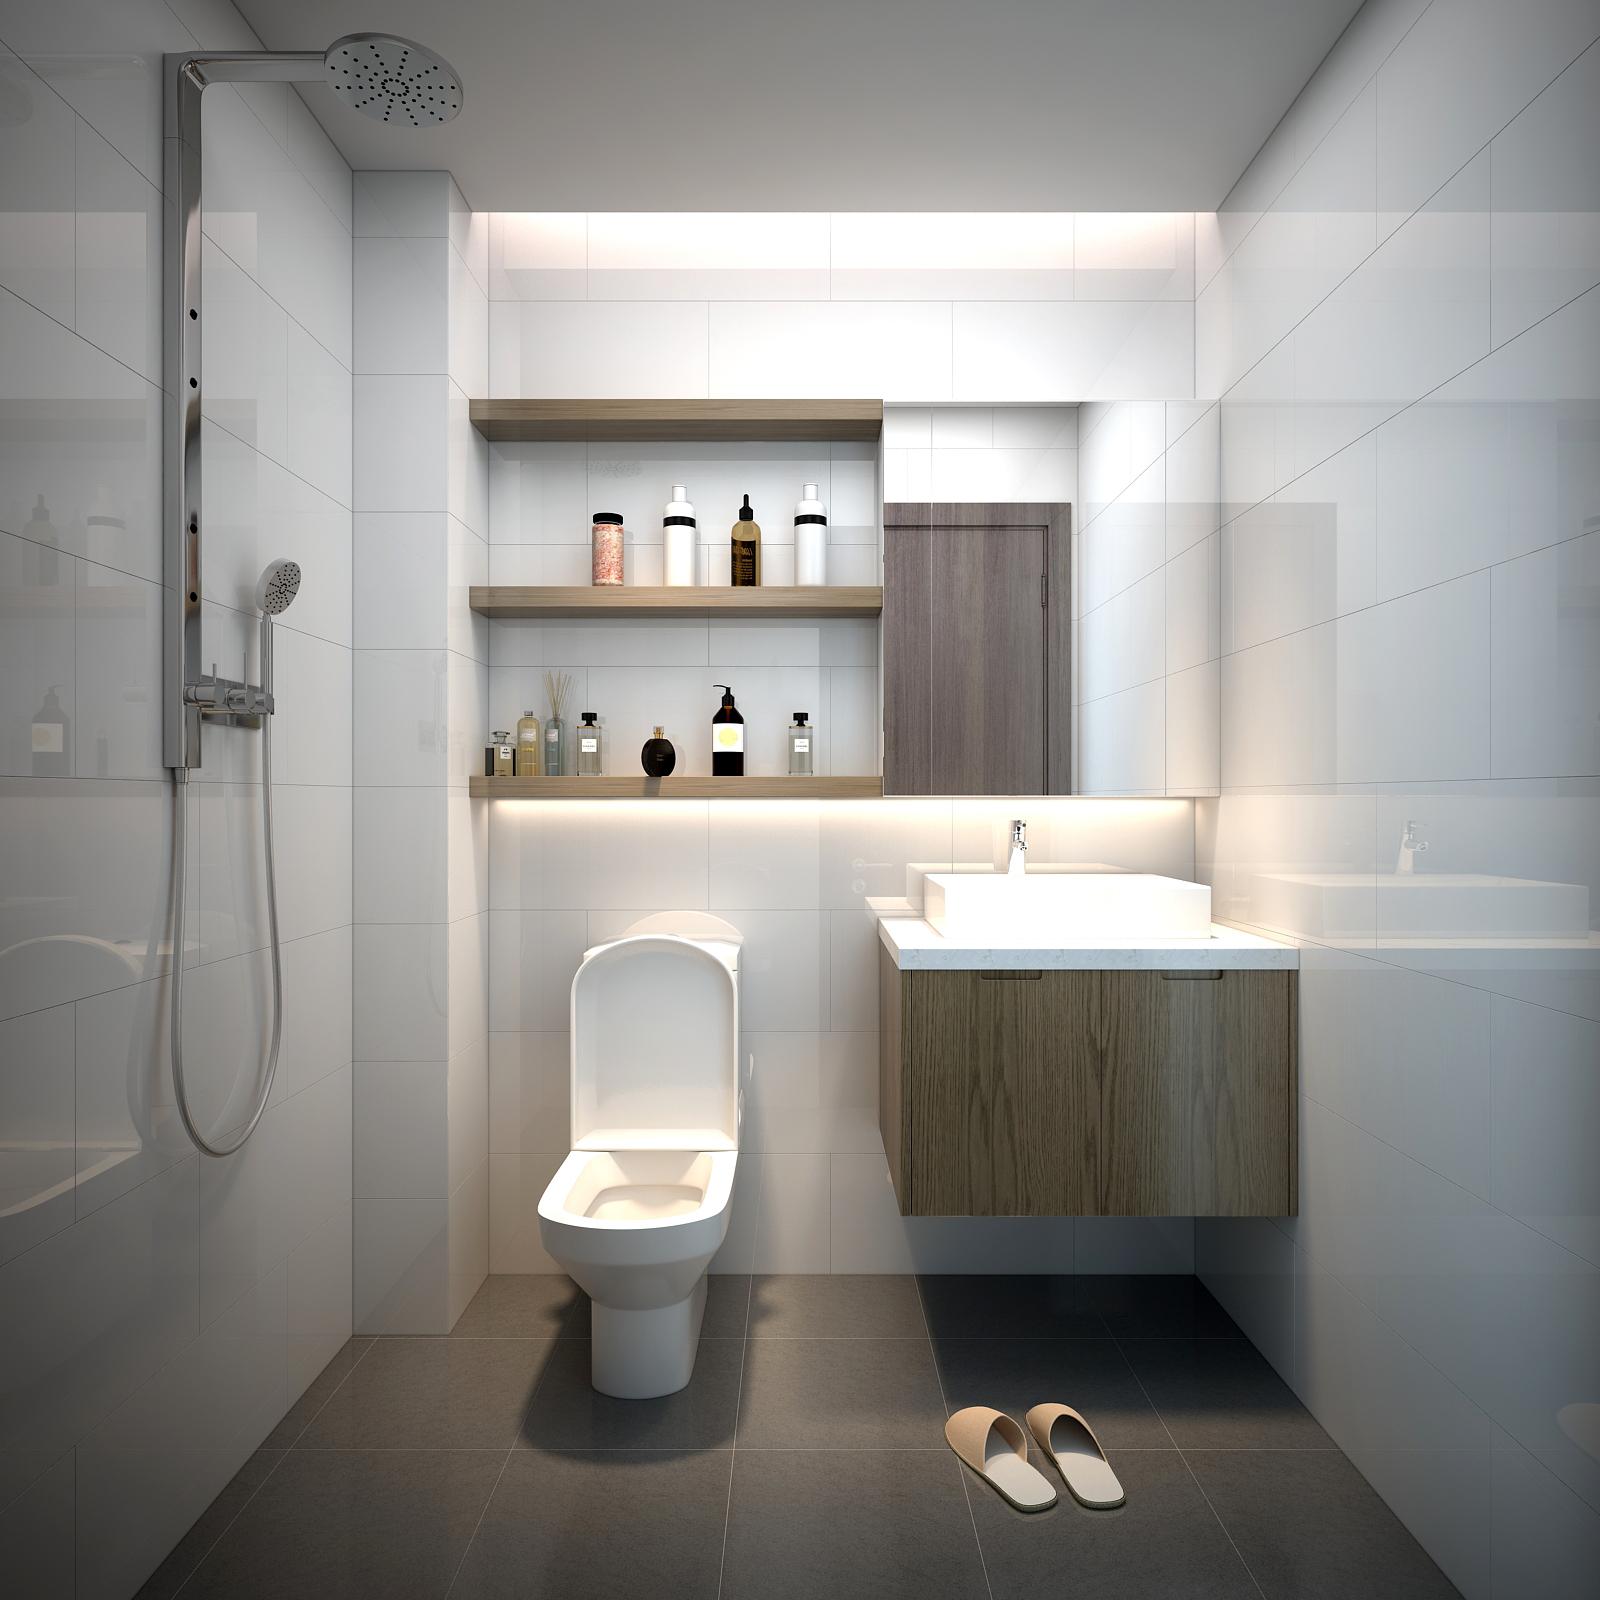 Bộ tủ chậu lavabo phòng thứ 2